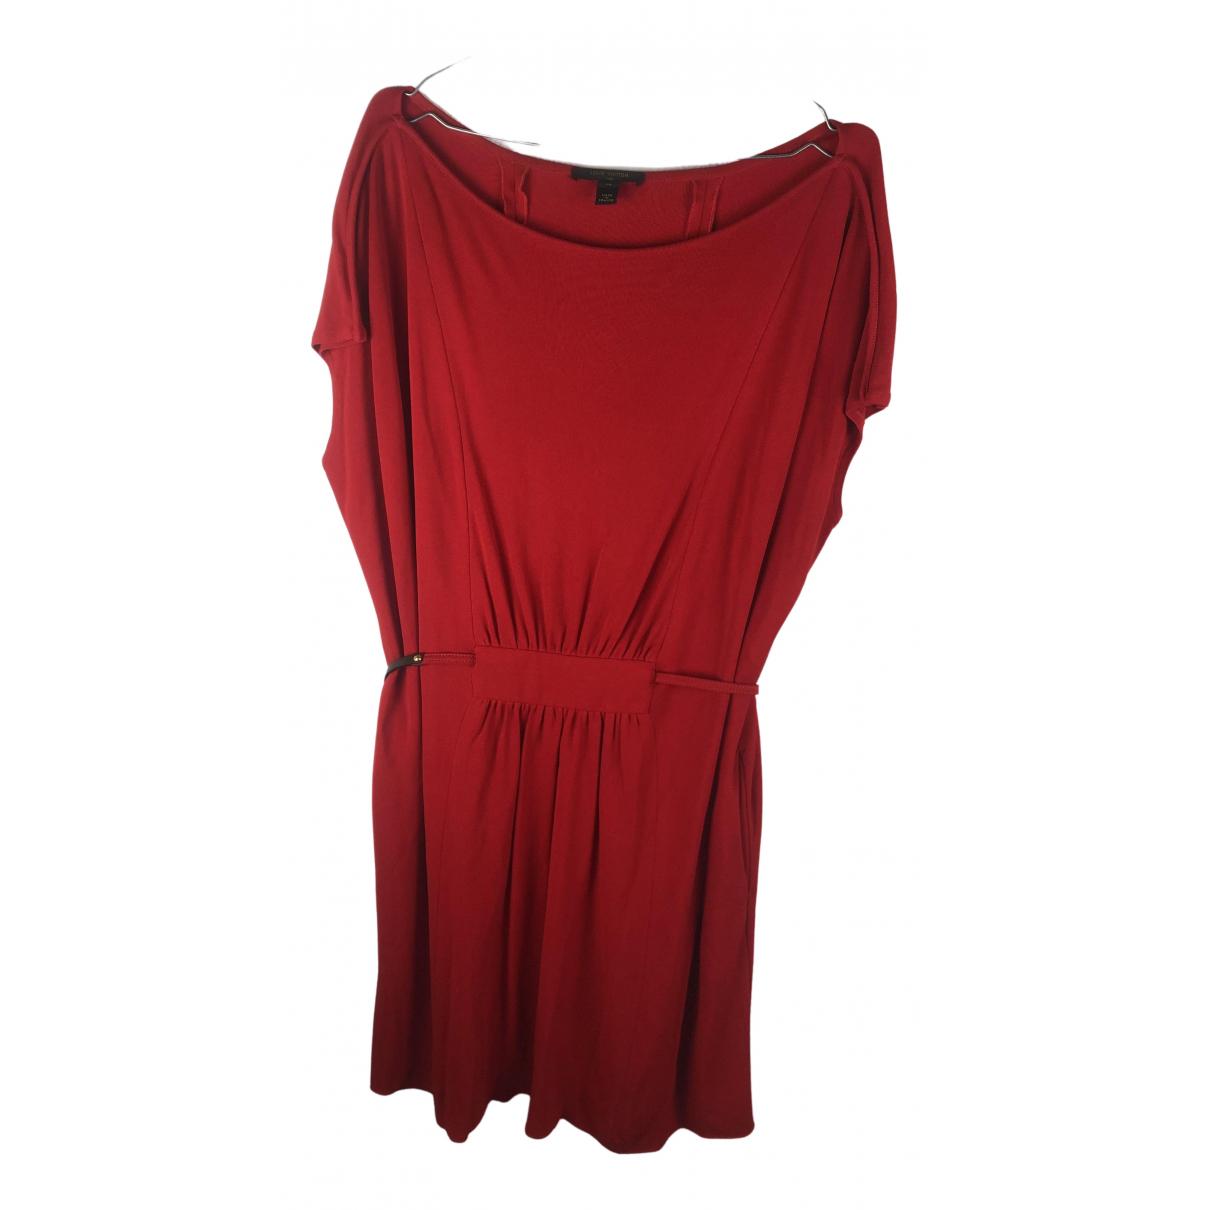 Louis Vuitton - Robe   pour femme en soie - rouge